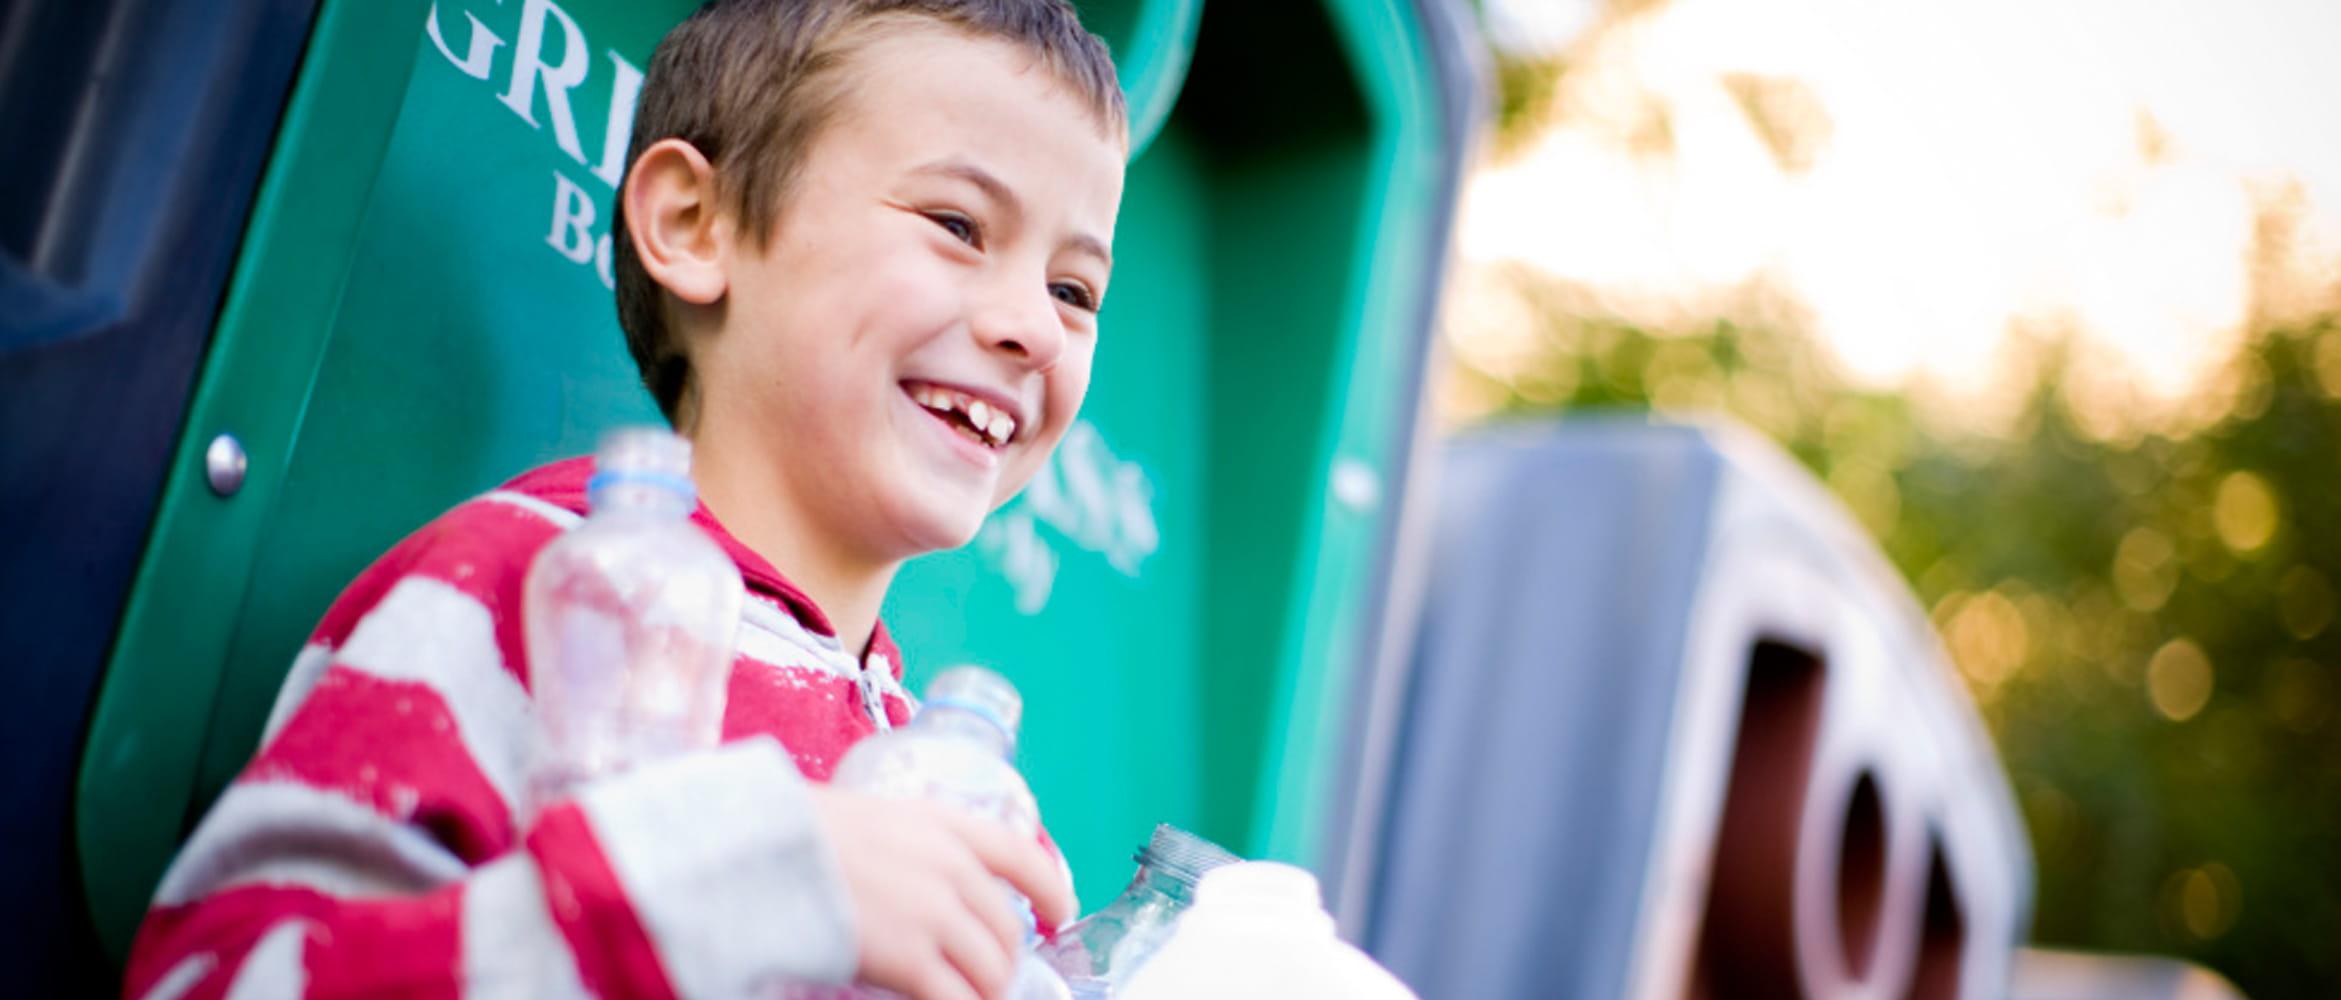 Reciclar Medioambiente